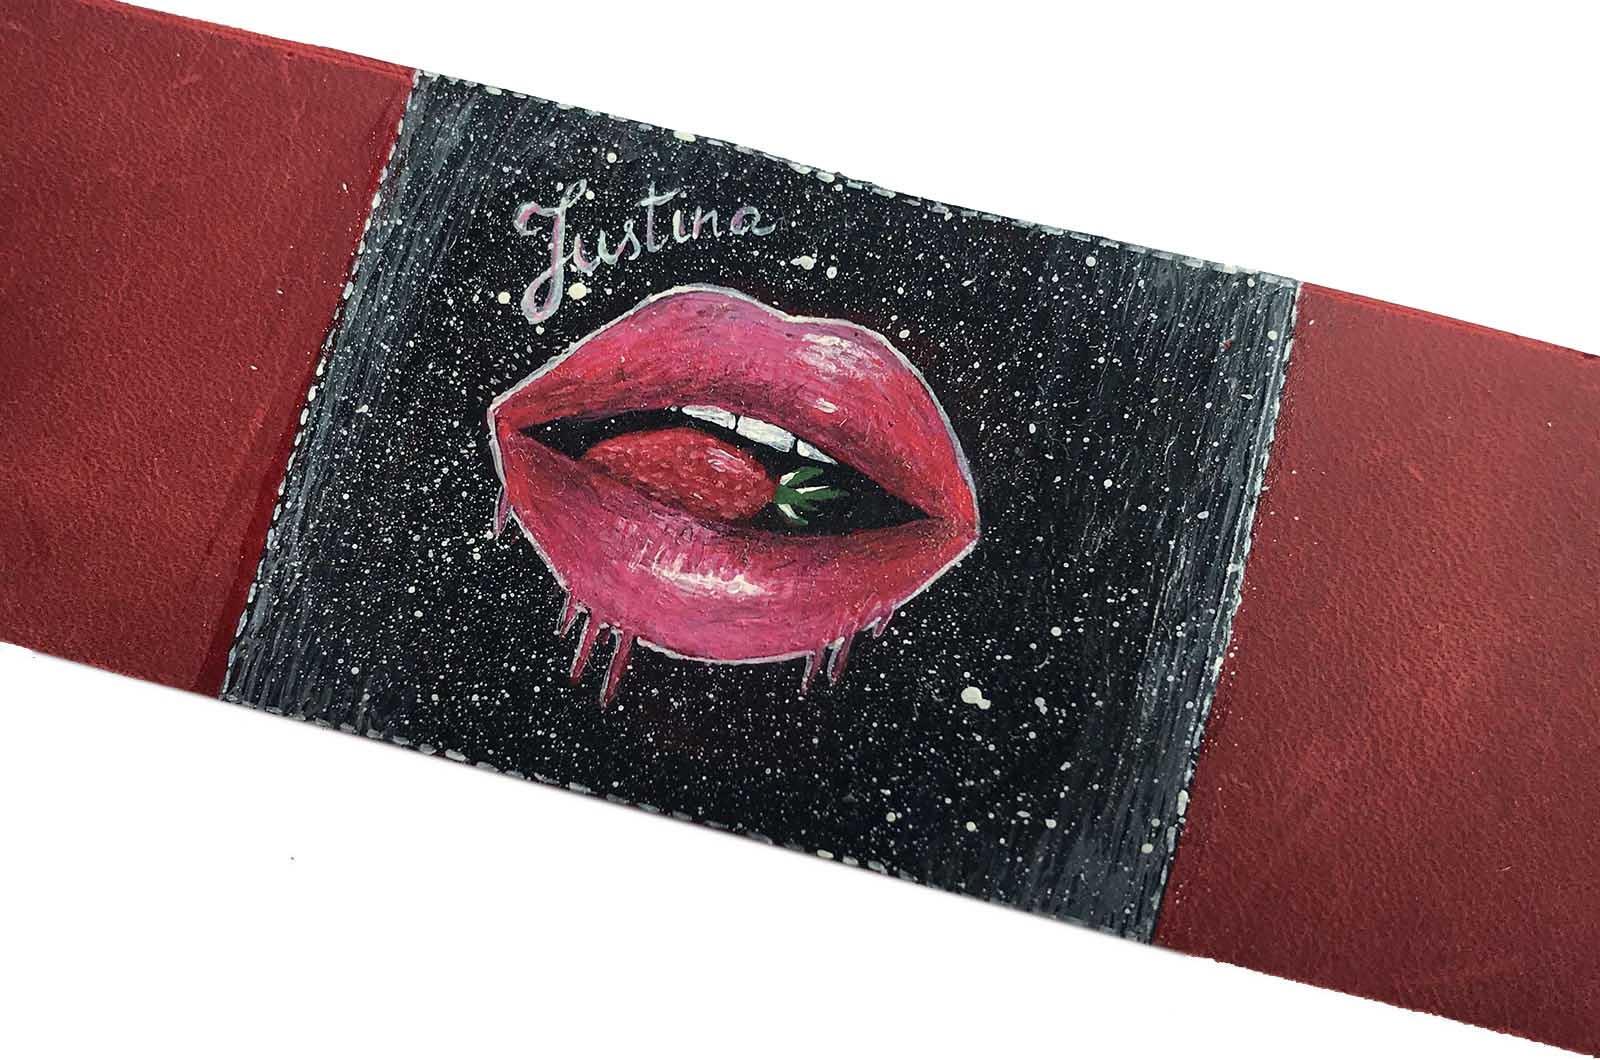 raudona odine apyranke su piesiniu ranku dabo naturalio odos moteriska apyranke dovanos moterims merginoms panelems gimtadienio proga2